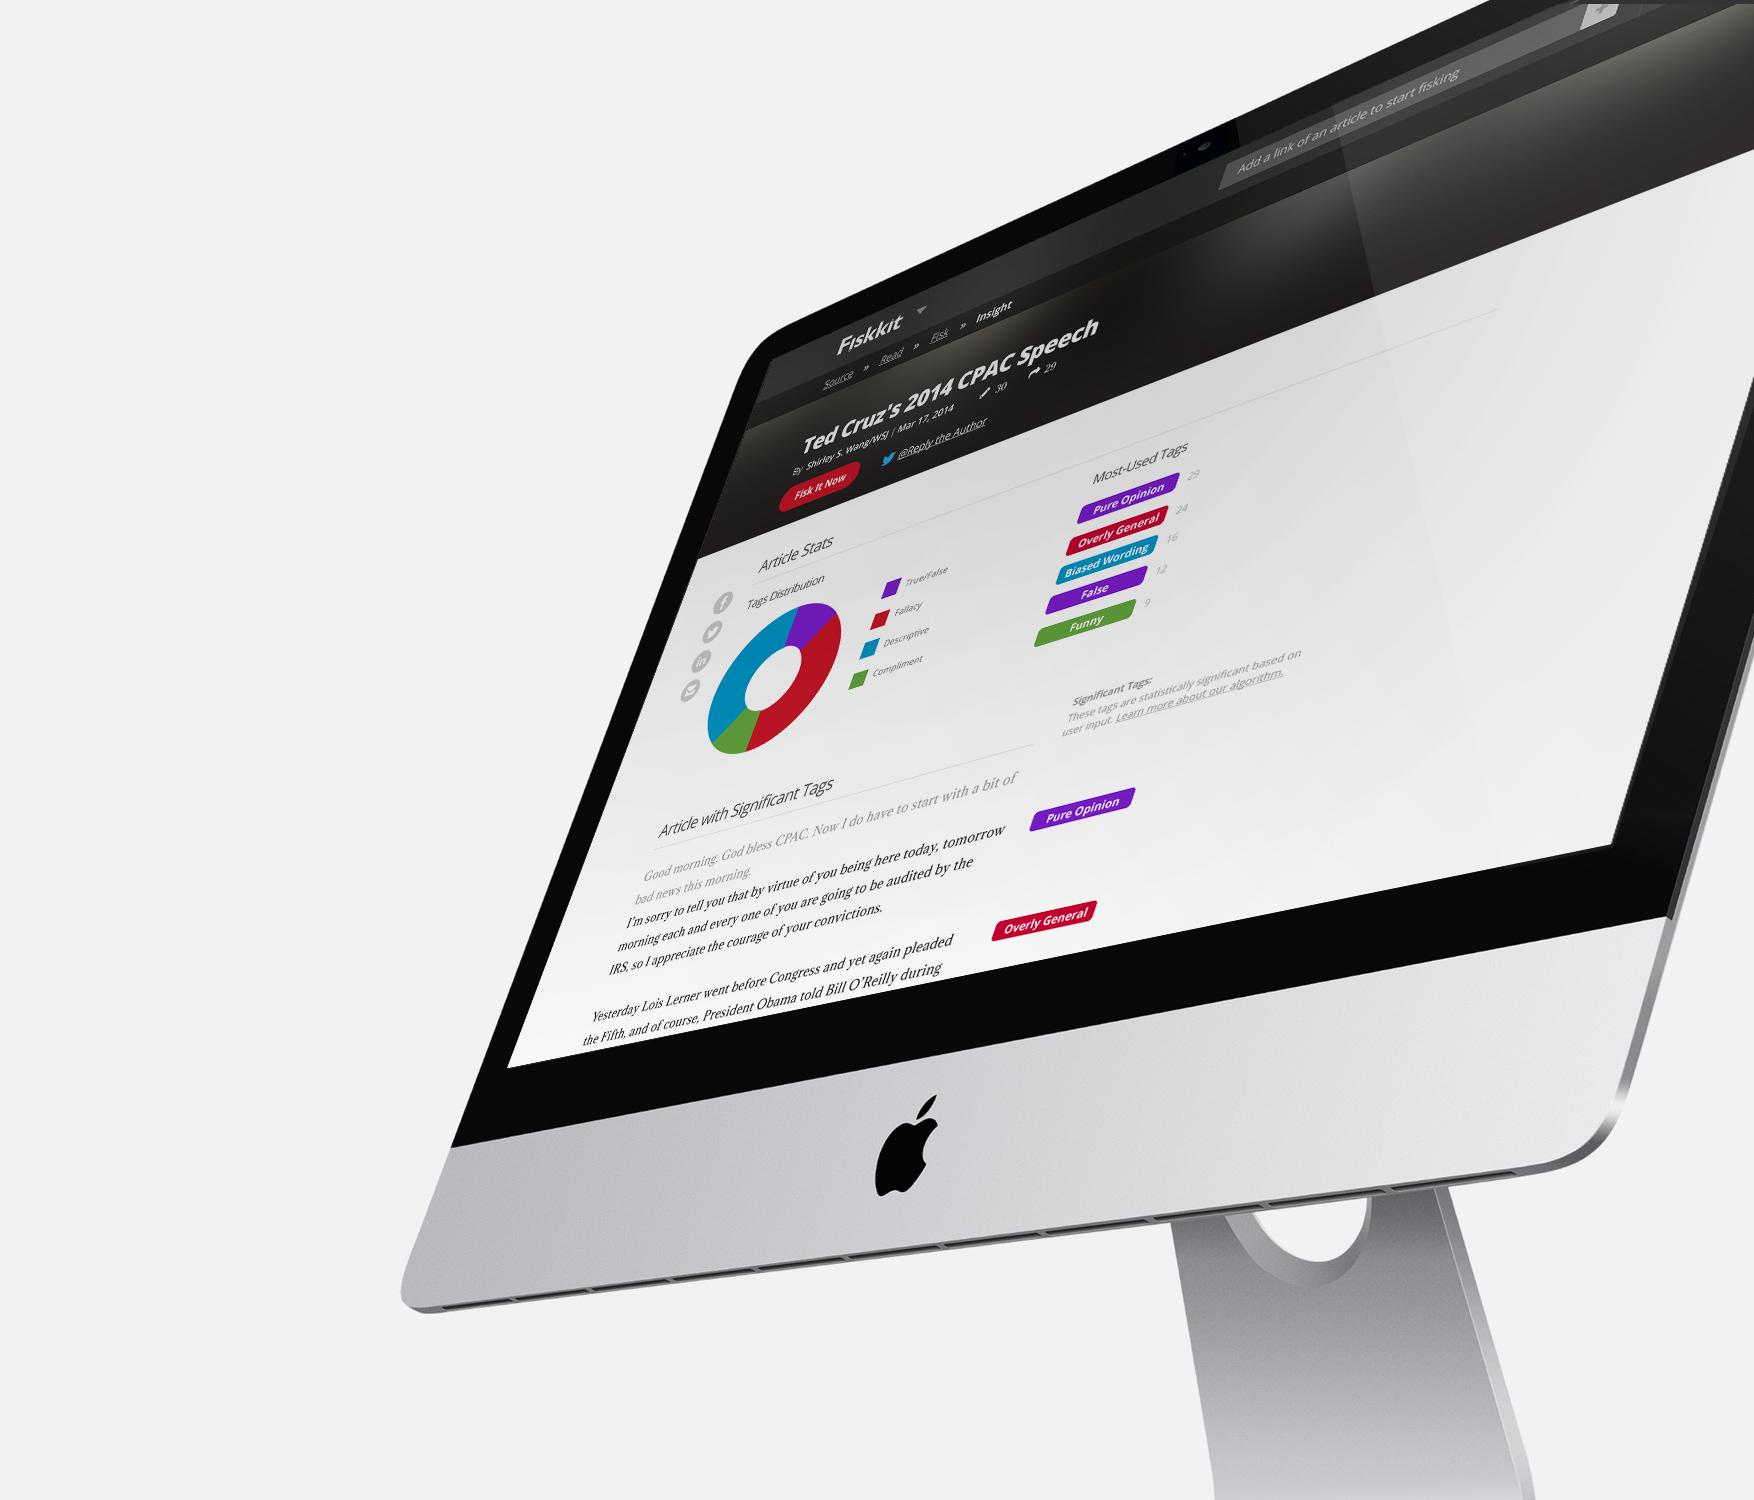 Fiskkit on Desktop